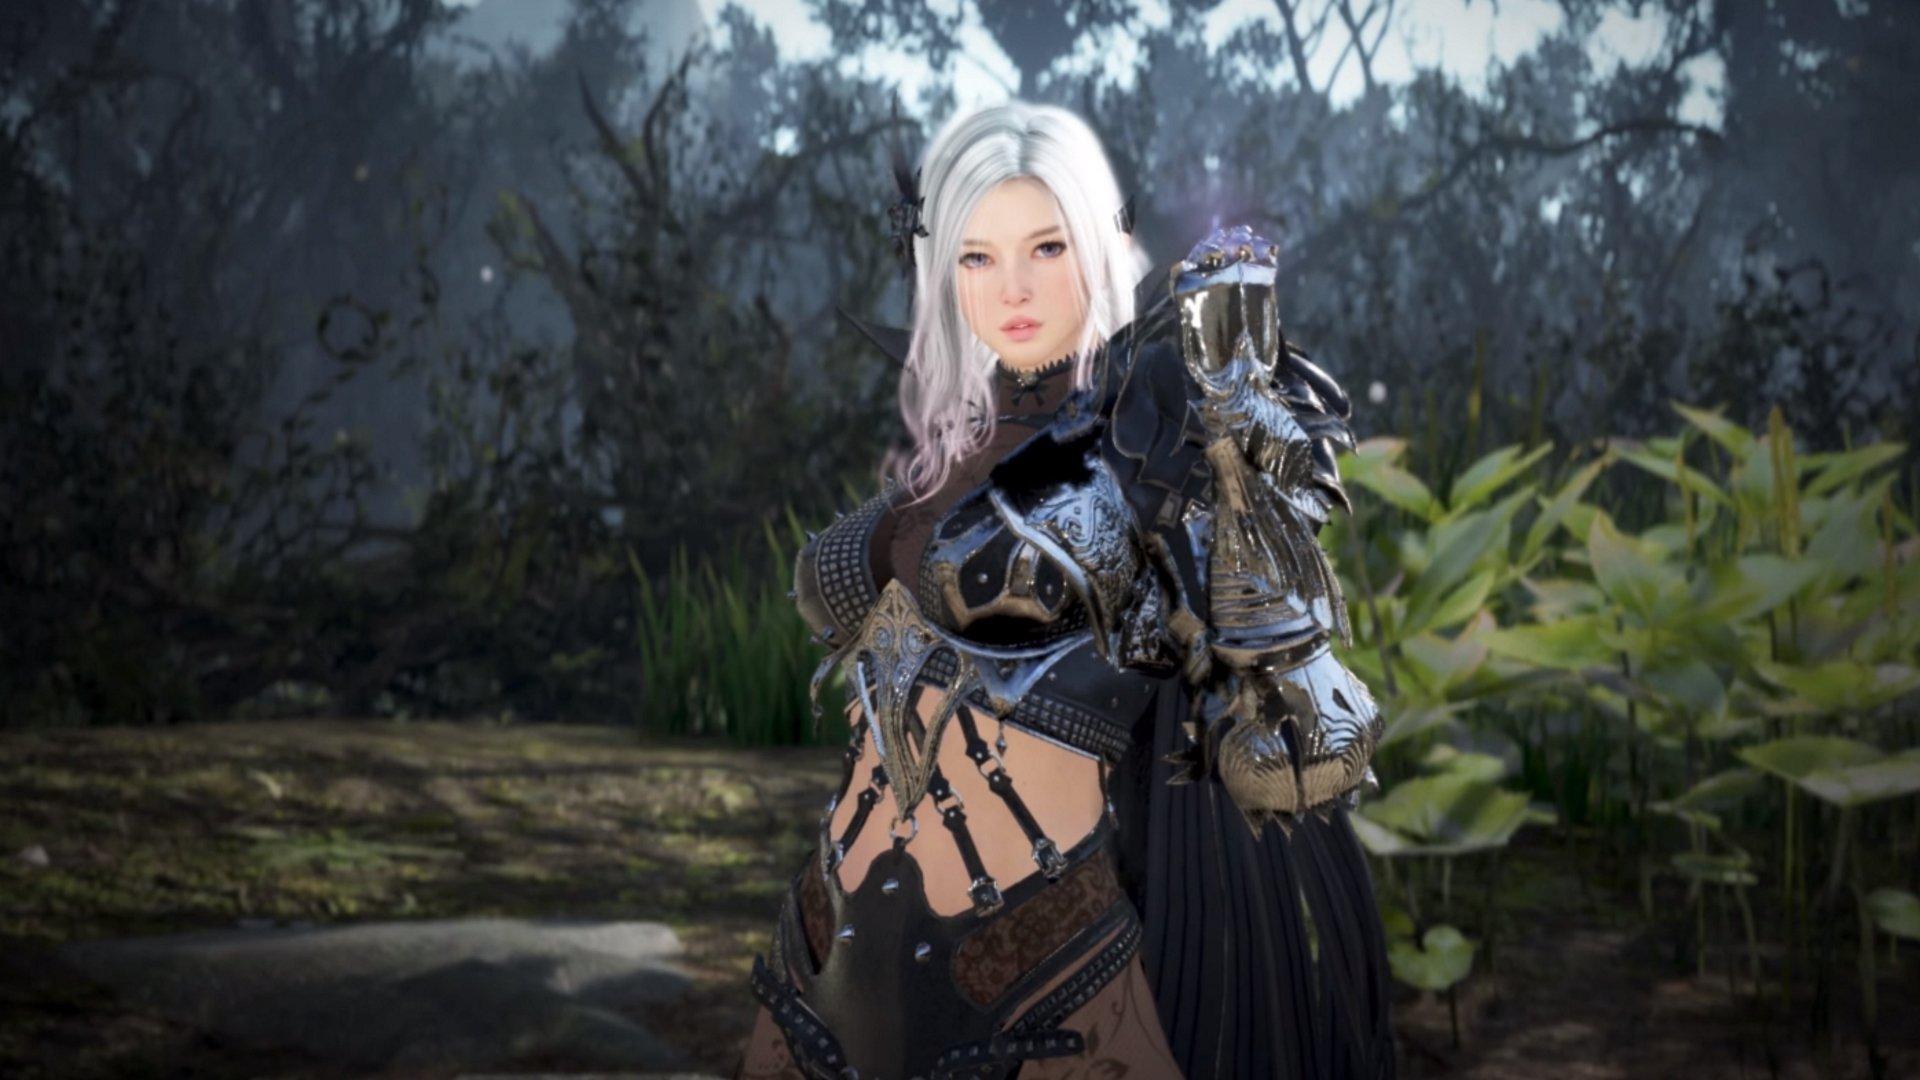 Populaire MMORPG Black Desert MMORPG est à venir à PS4 cette année